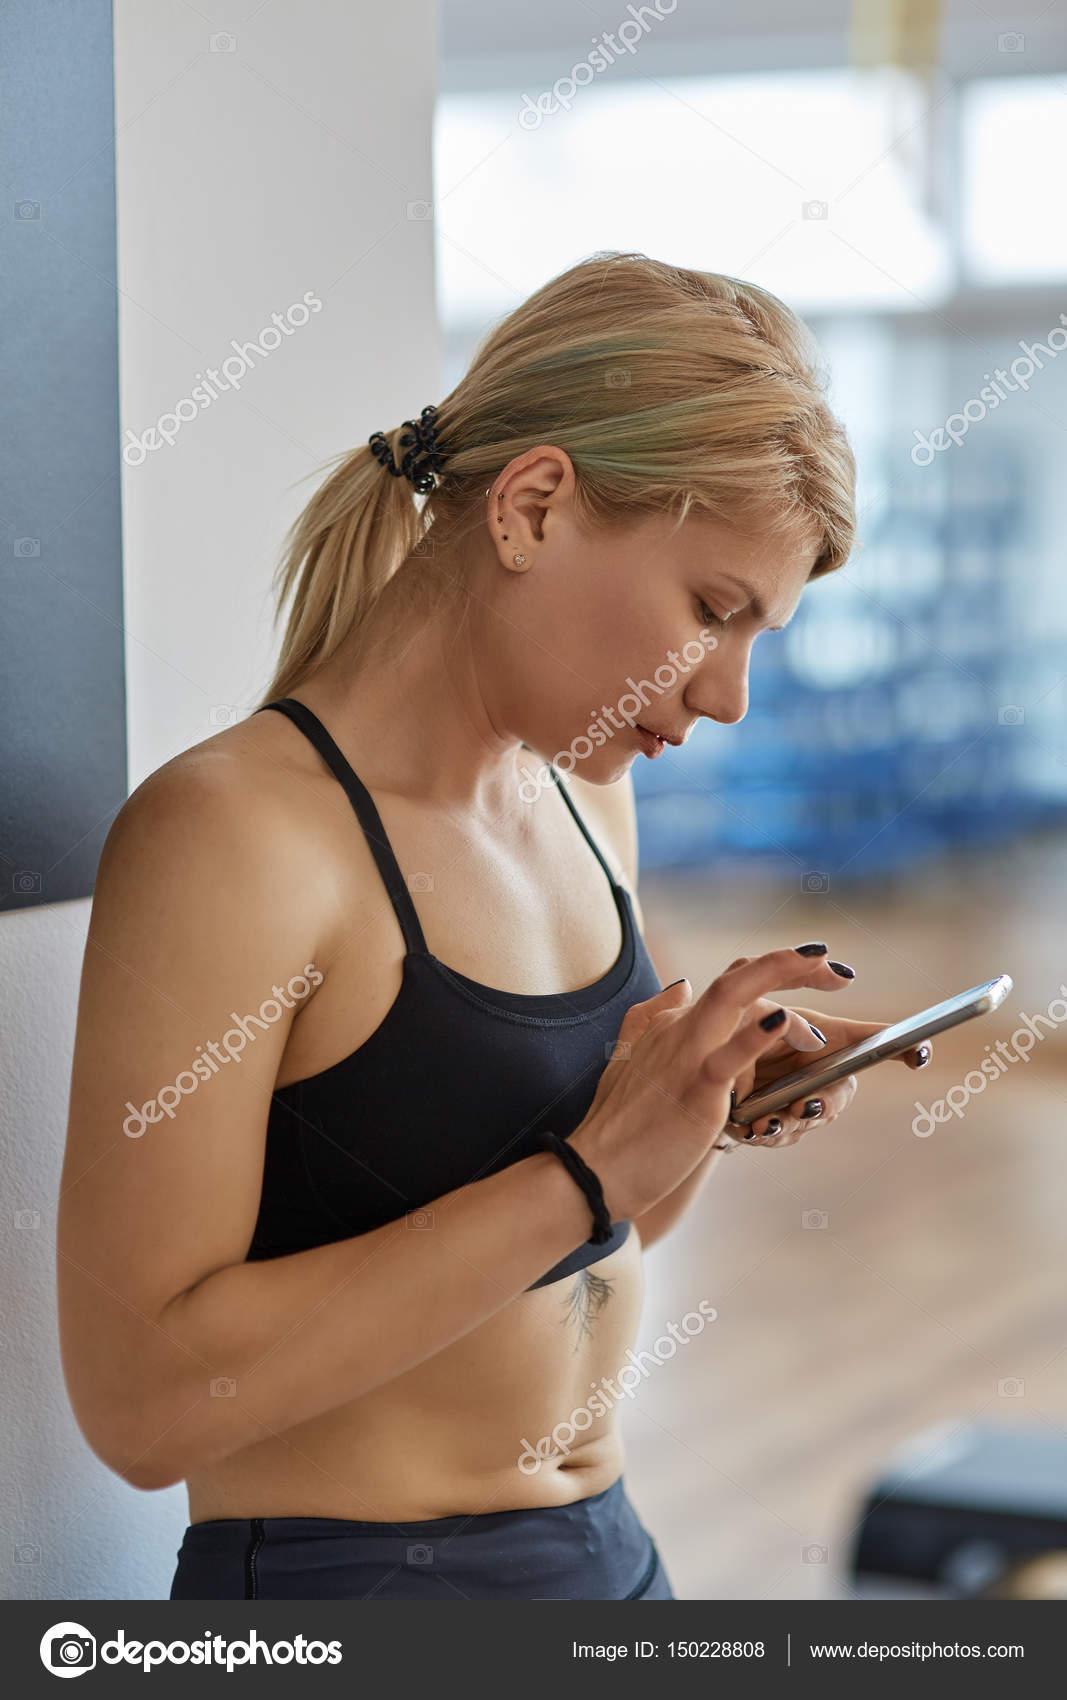 ραντεβού μοντέλα Fitness ανταμοιβές παίκτη αγάπη